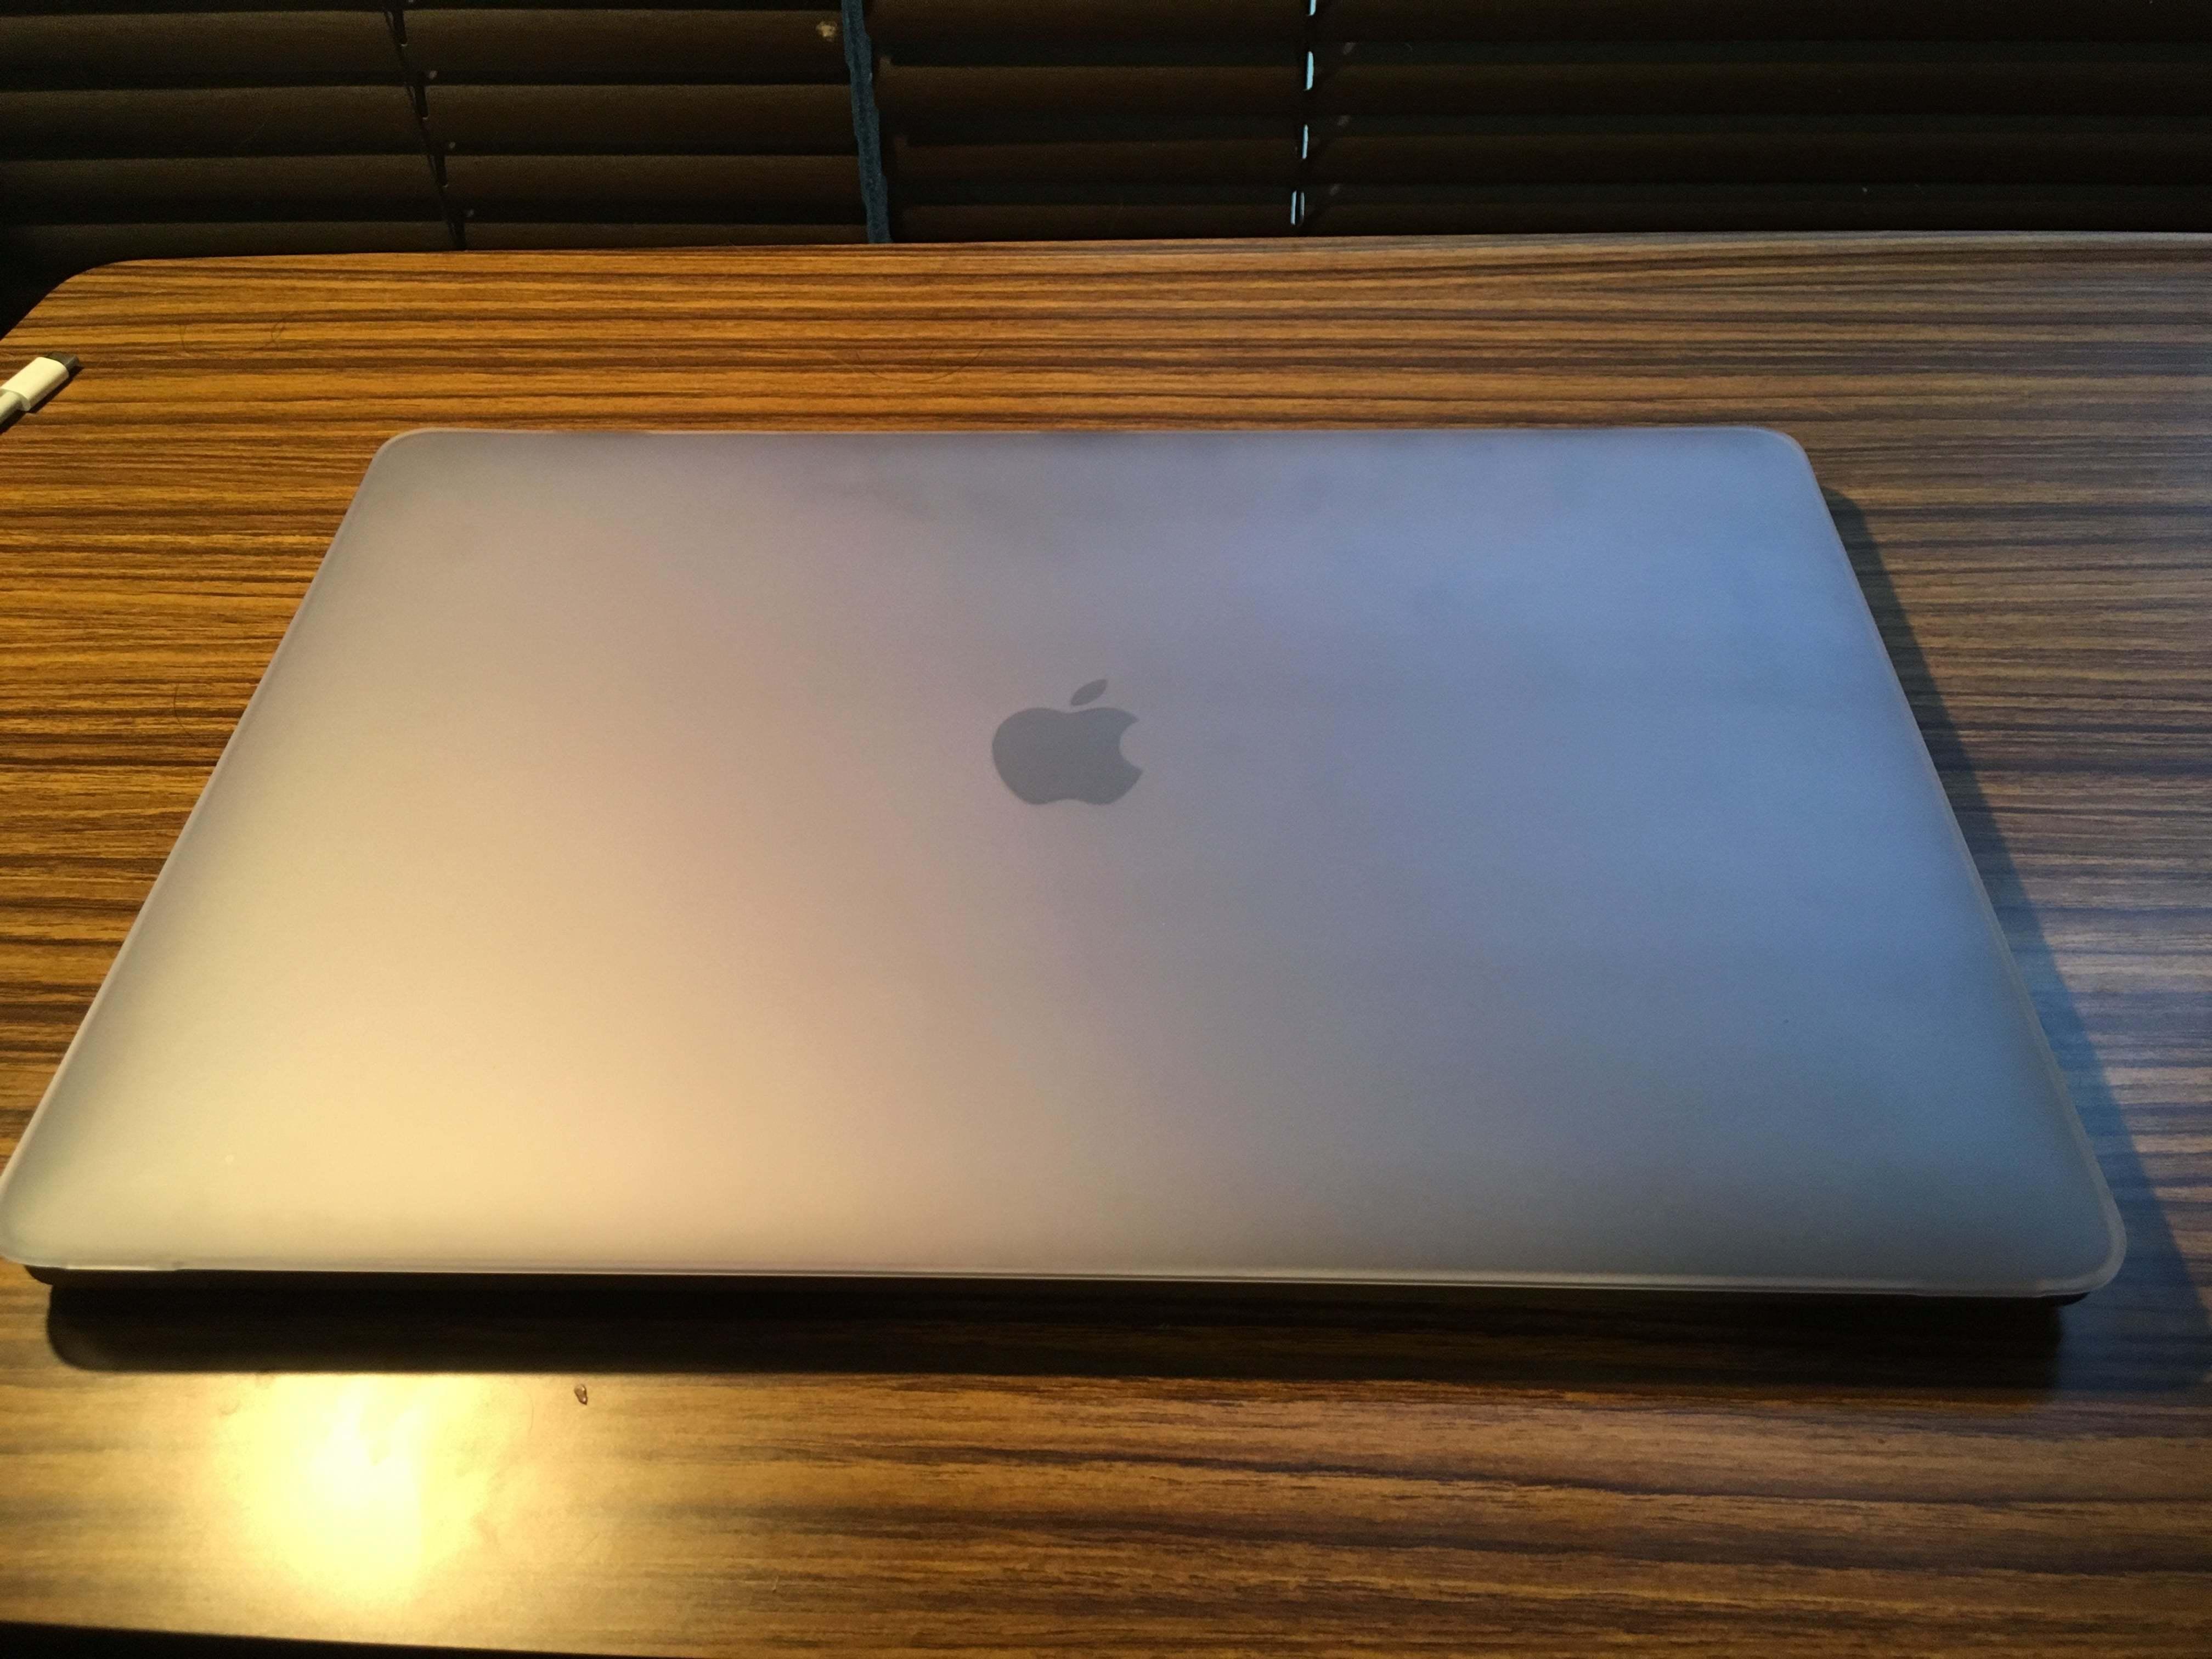 【レビュー】Macbook Pro 15インチ(late2016)はAppleらしいバランスの取れた製品